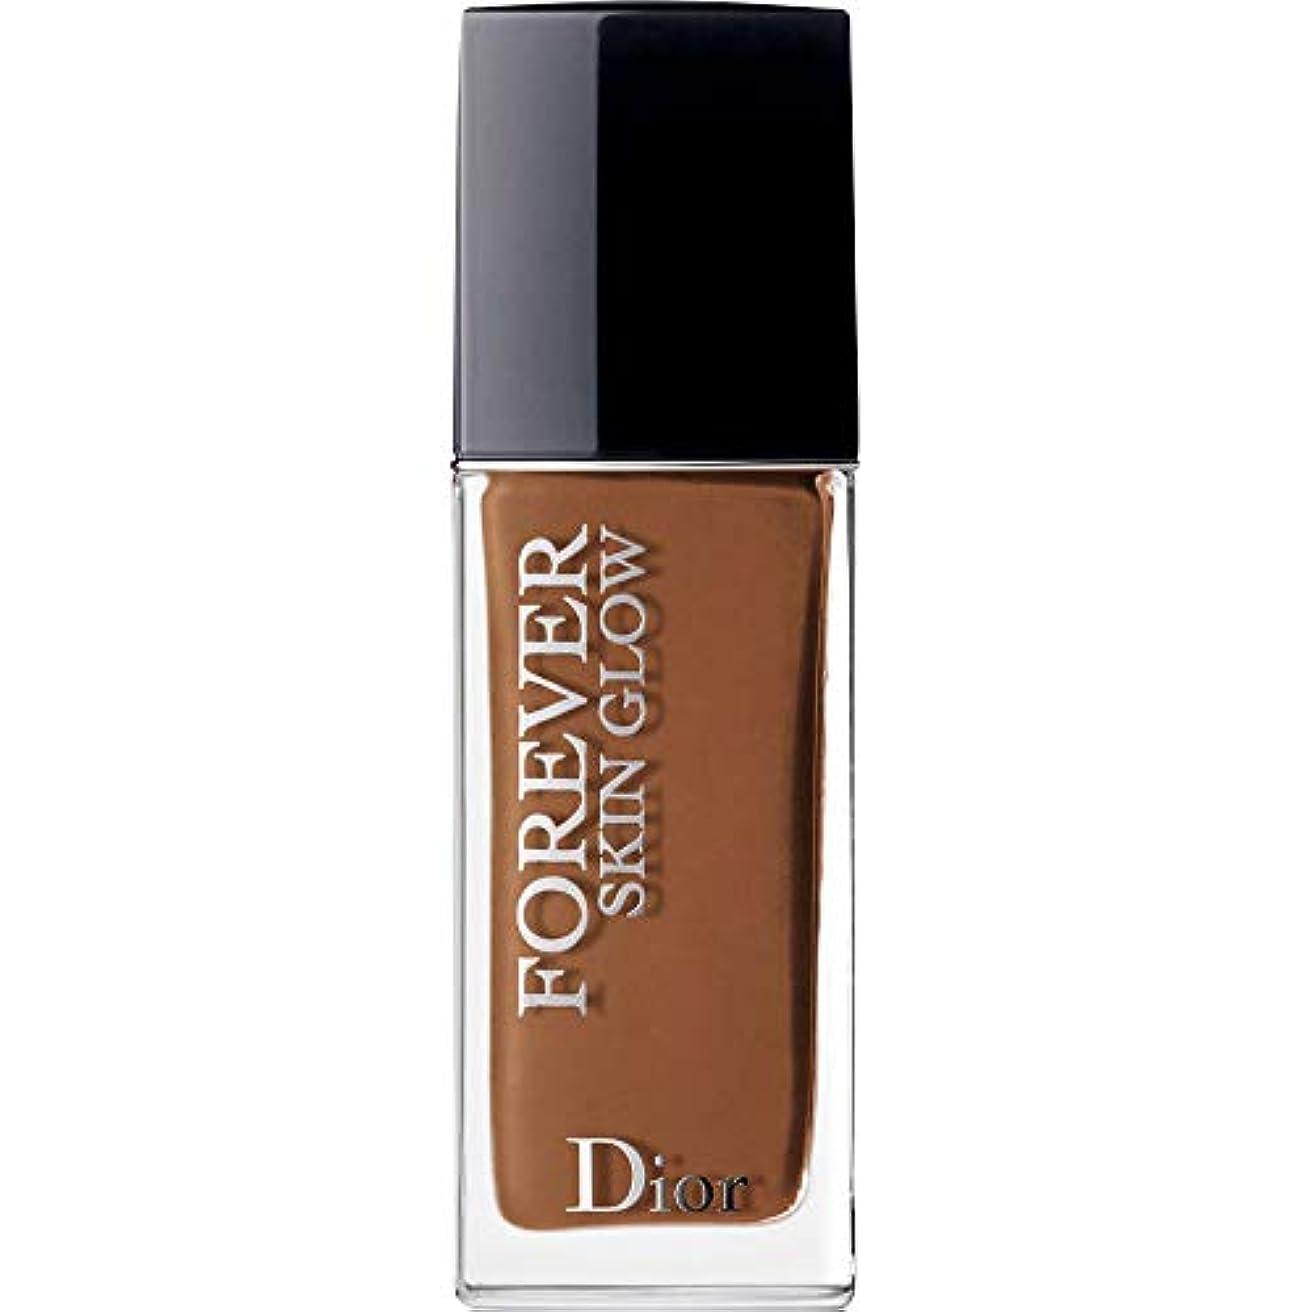 性差別ひどく物語[Dior ] ディオール永遠に皮膚グロー皮膚思いやりの基礎Spf35 30ミリリットルの8N - ニュートラル(肌の輝き) - DIOR Forever Skin Glow Skin-Caring Foundation...